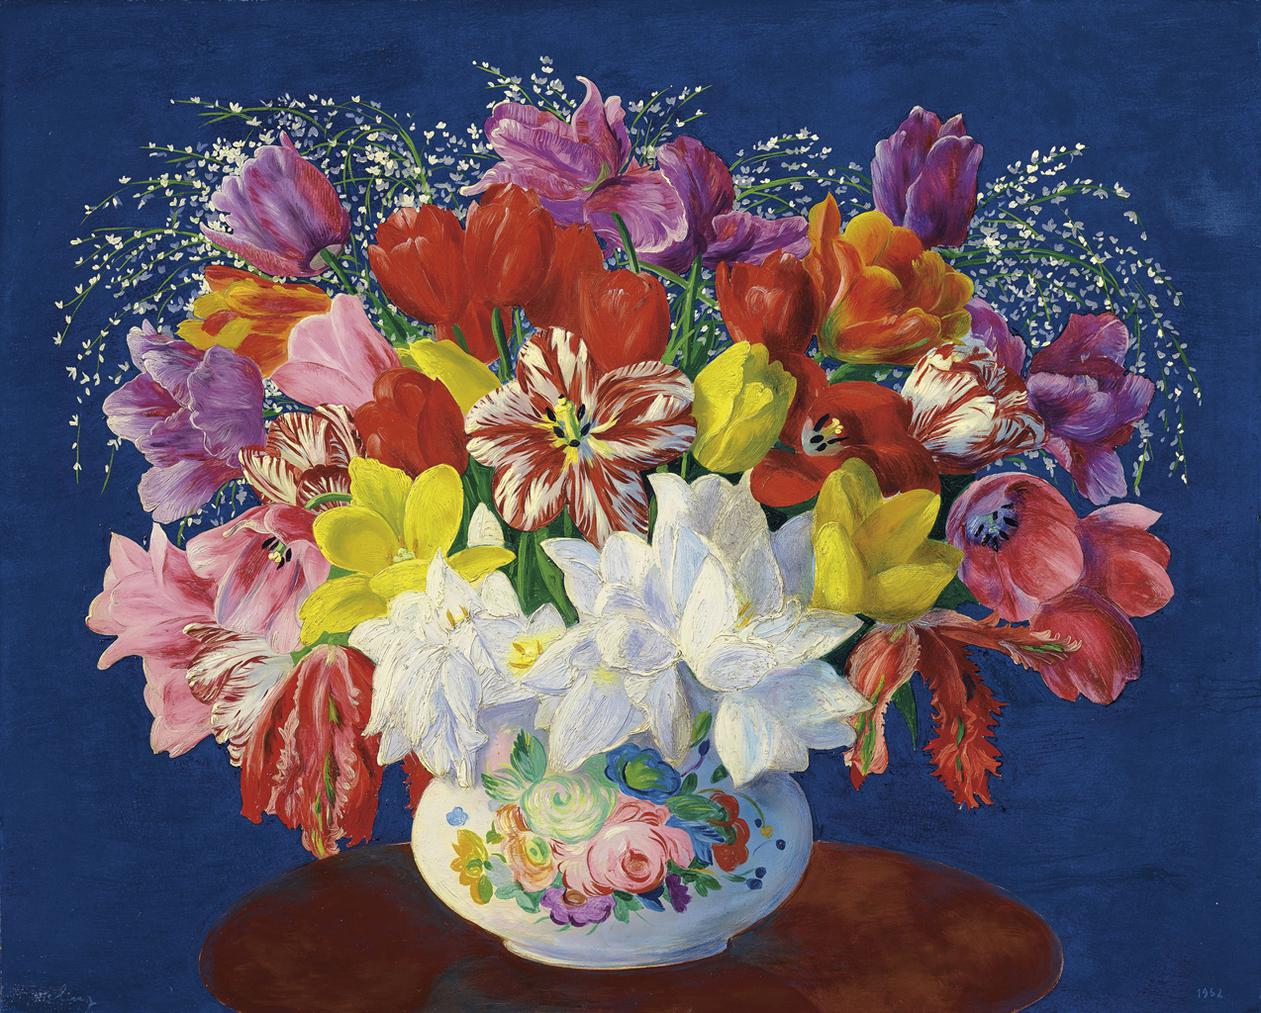 Moise Kisling-Grand Bouquet De Tulipes-1952